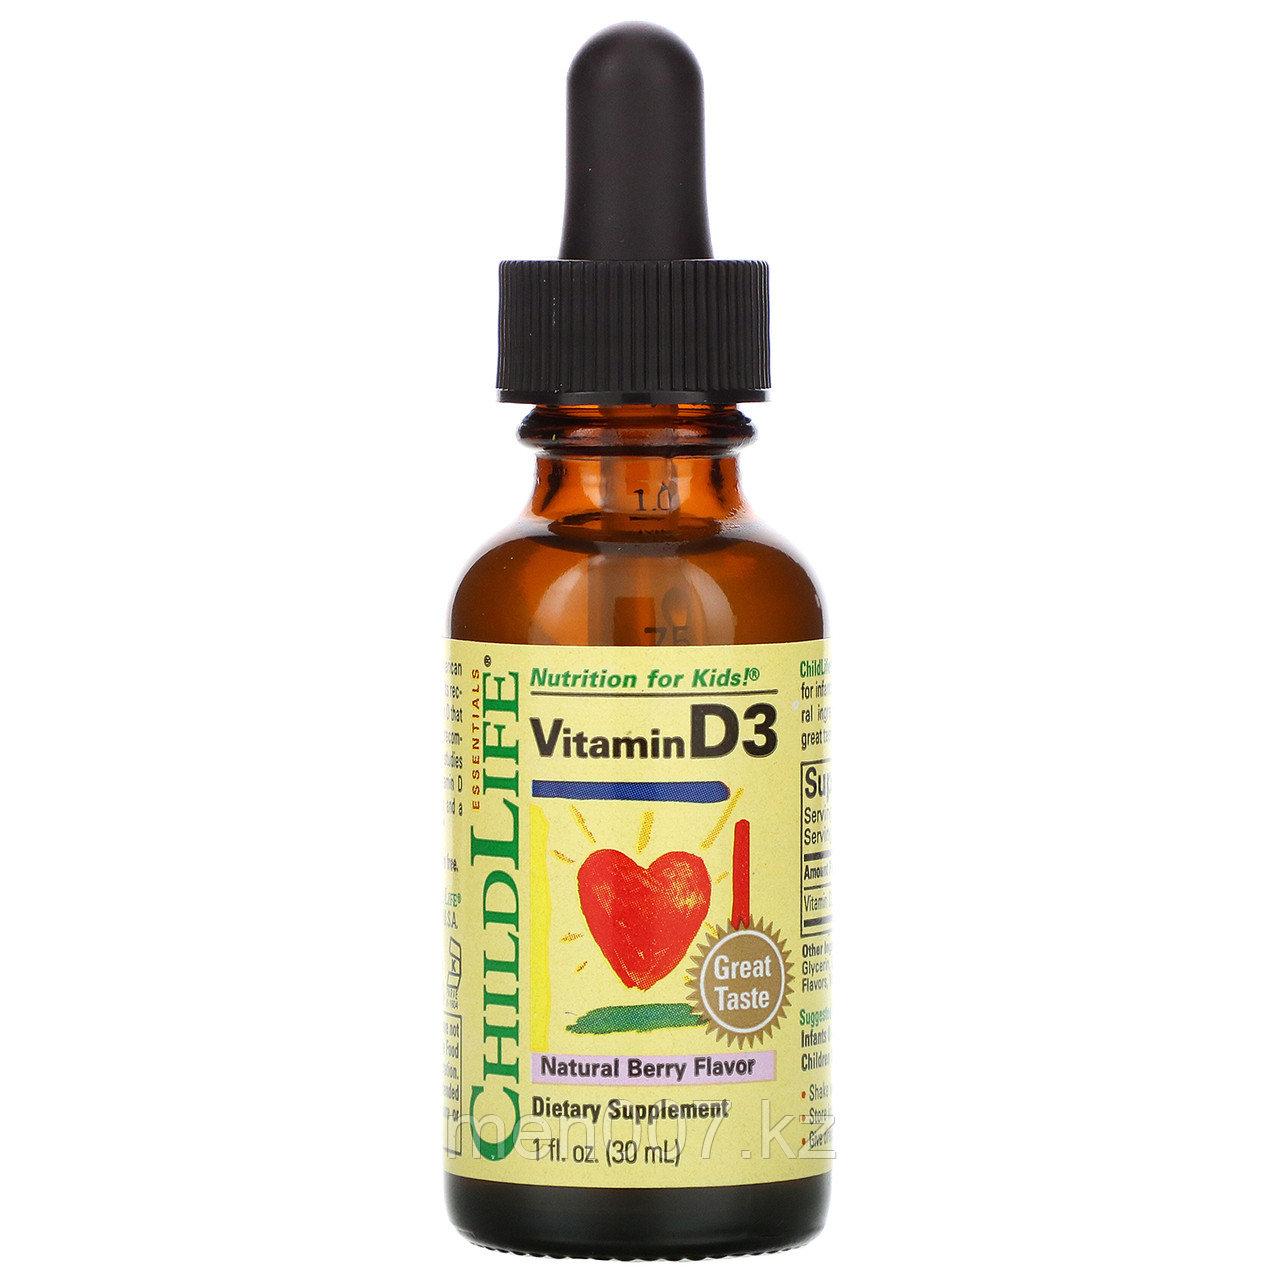 БАД Витамин D3 в каплях со вкусом натуральных ягод для детей 500 МЕ, от ChildLife (30 мл)